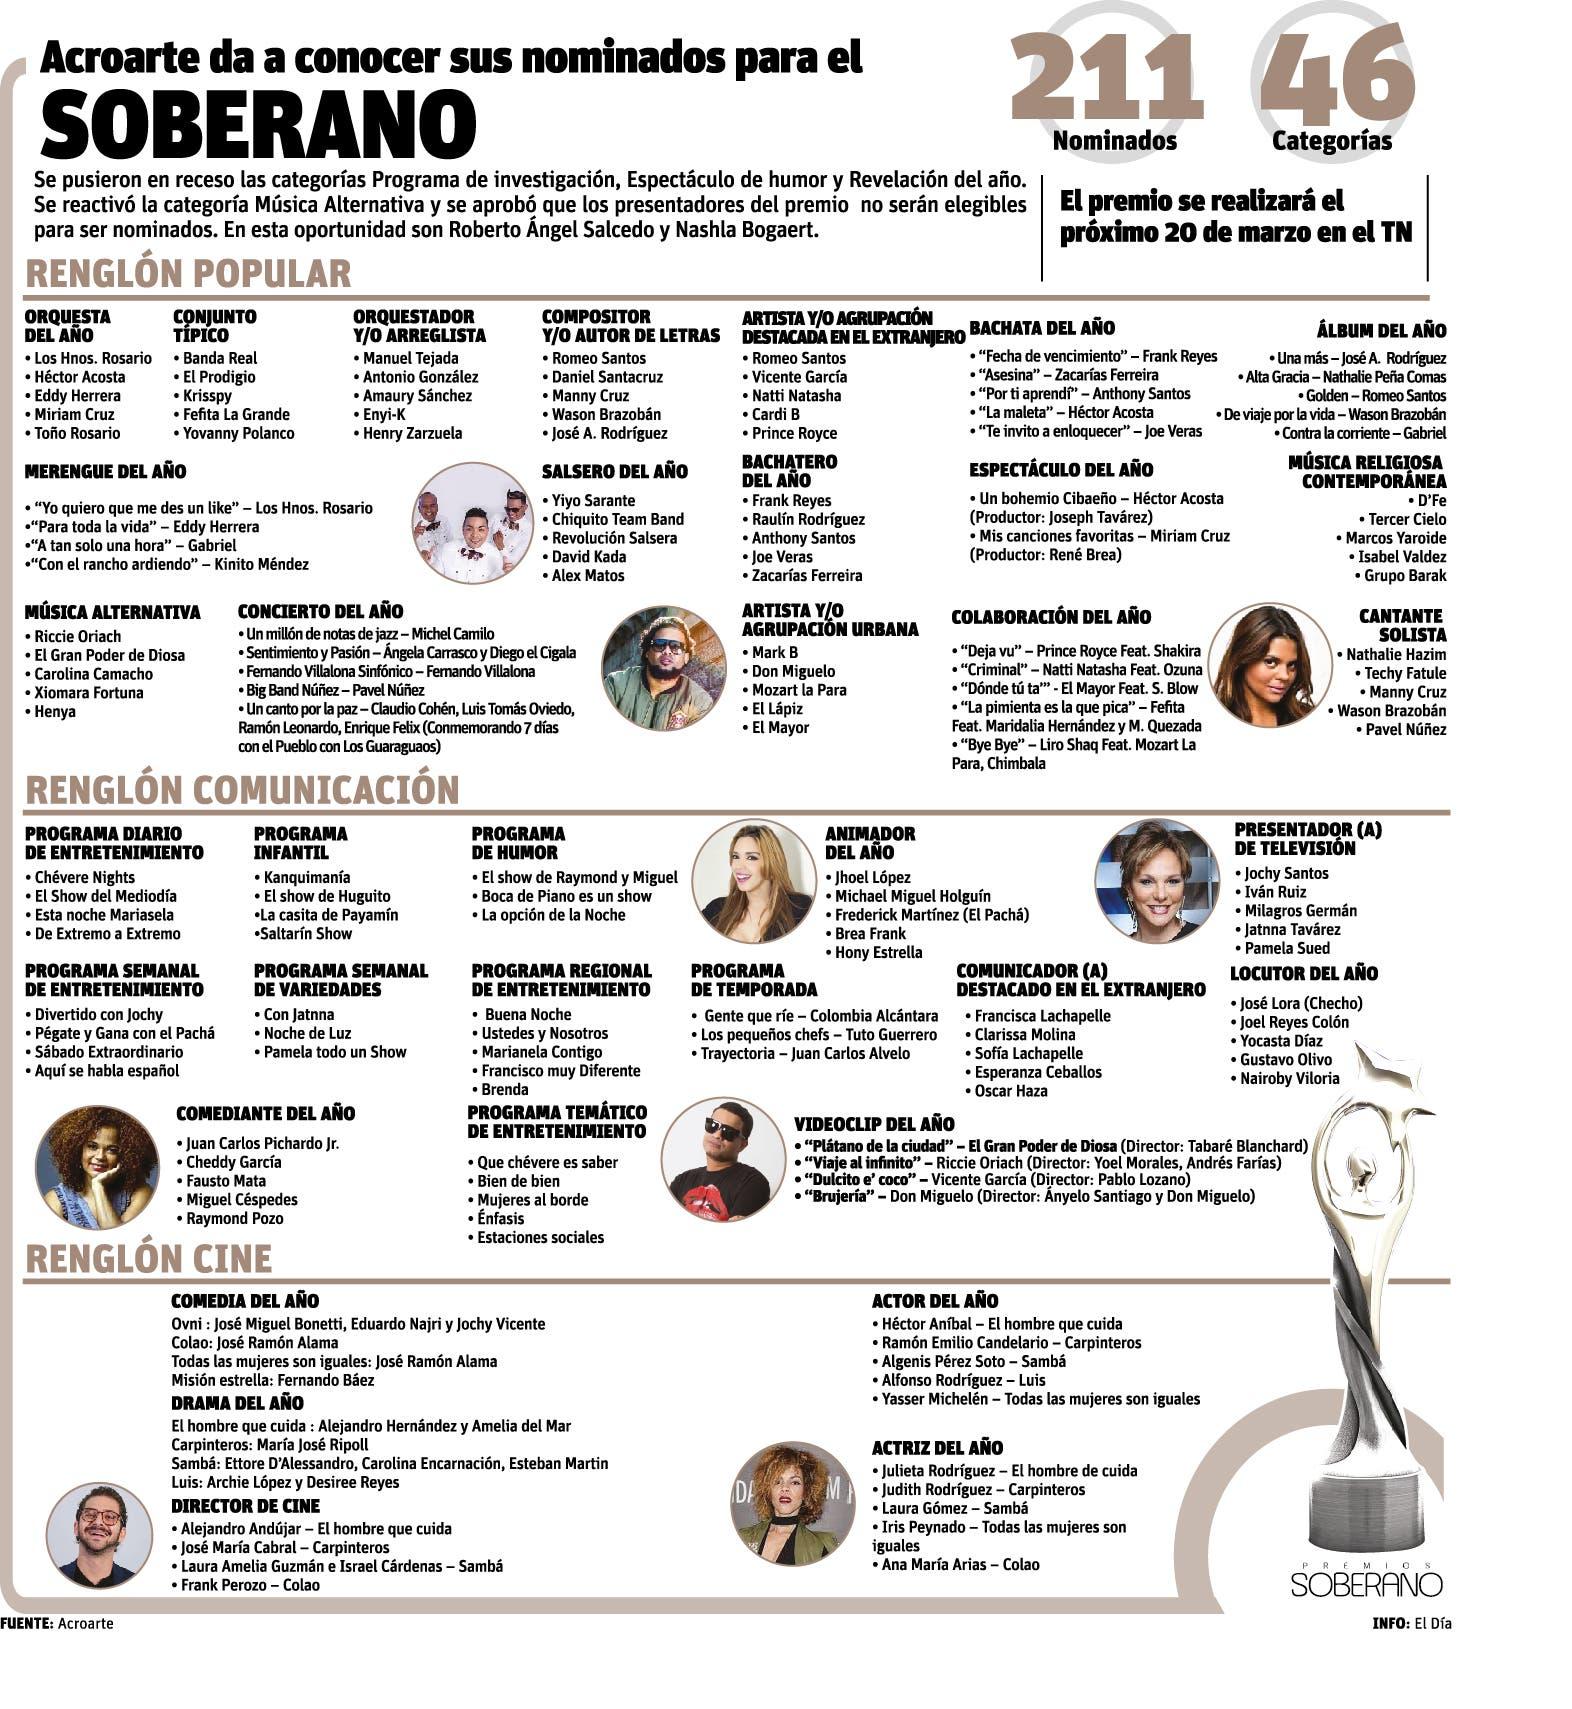 info-soberanos-nominados-18